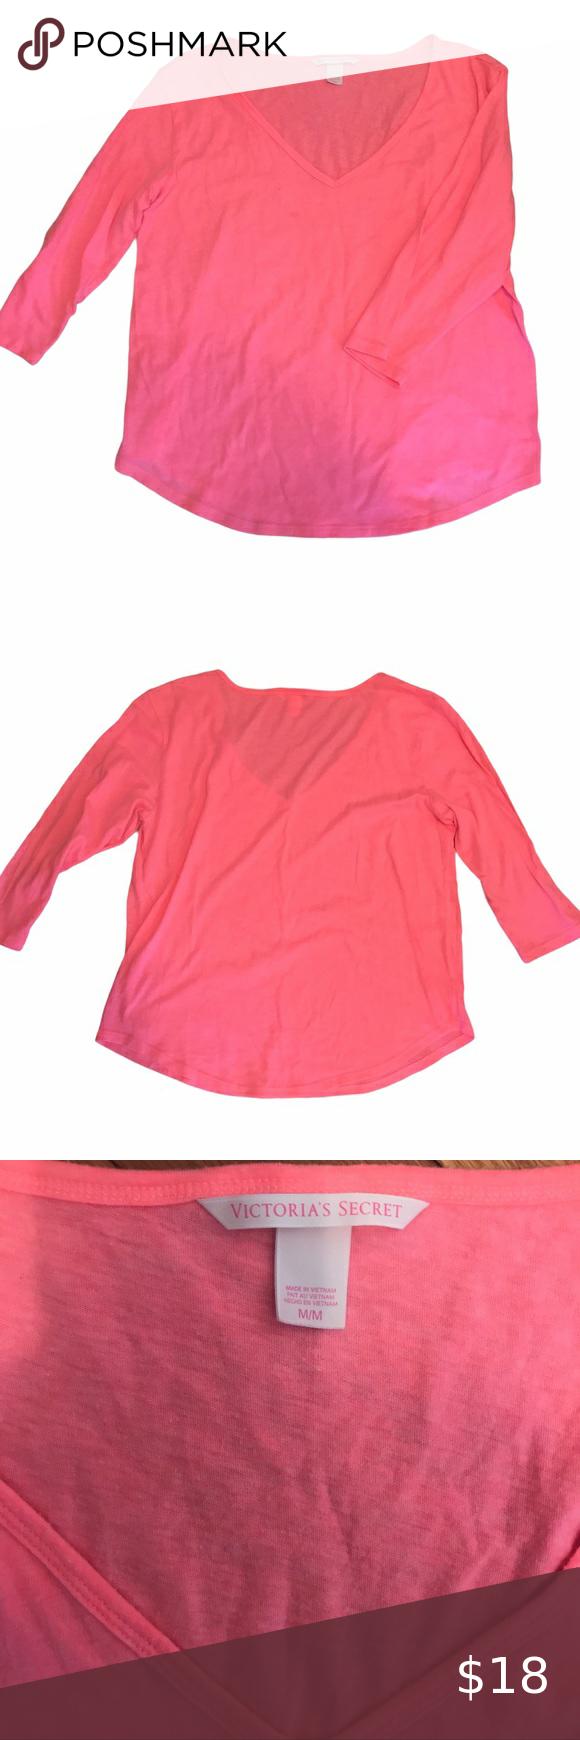 Victoria S Secret Pink 3 4 Sleeve V Neck Shirt Neck Shirt Victoria S Secret Light Sweater